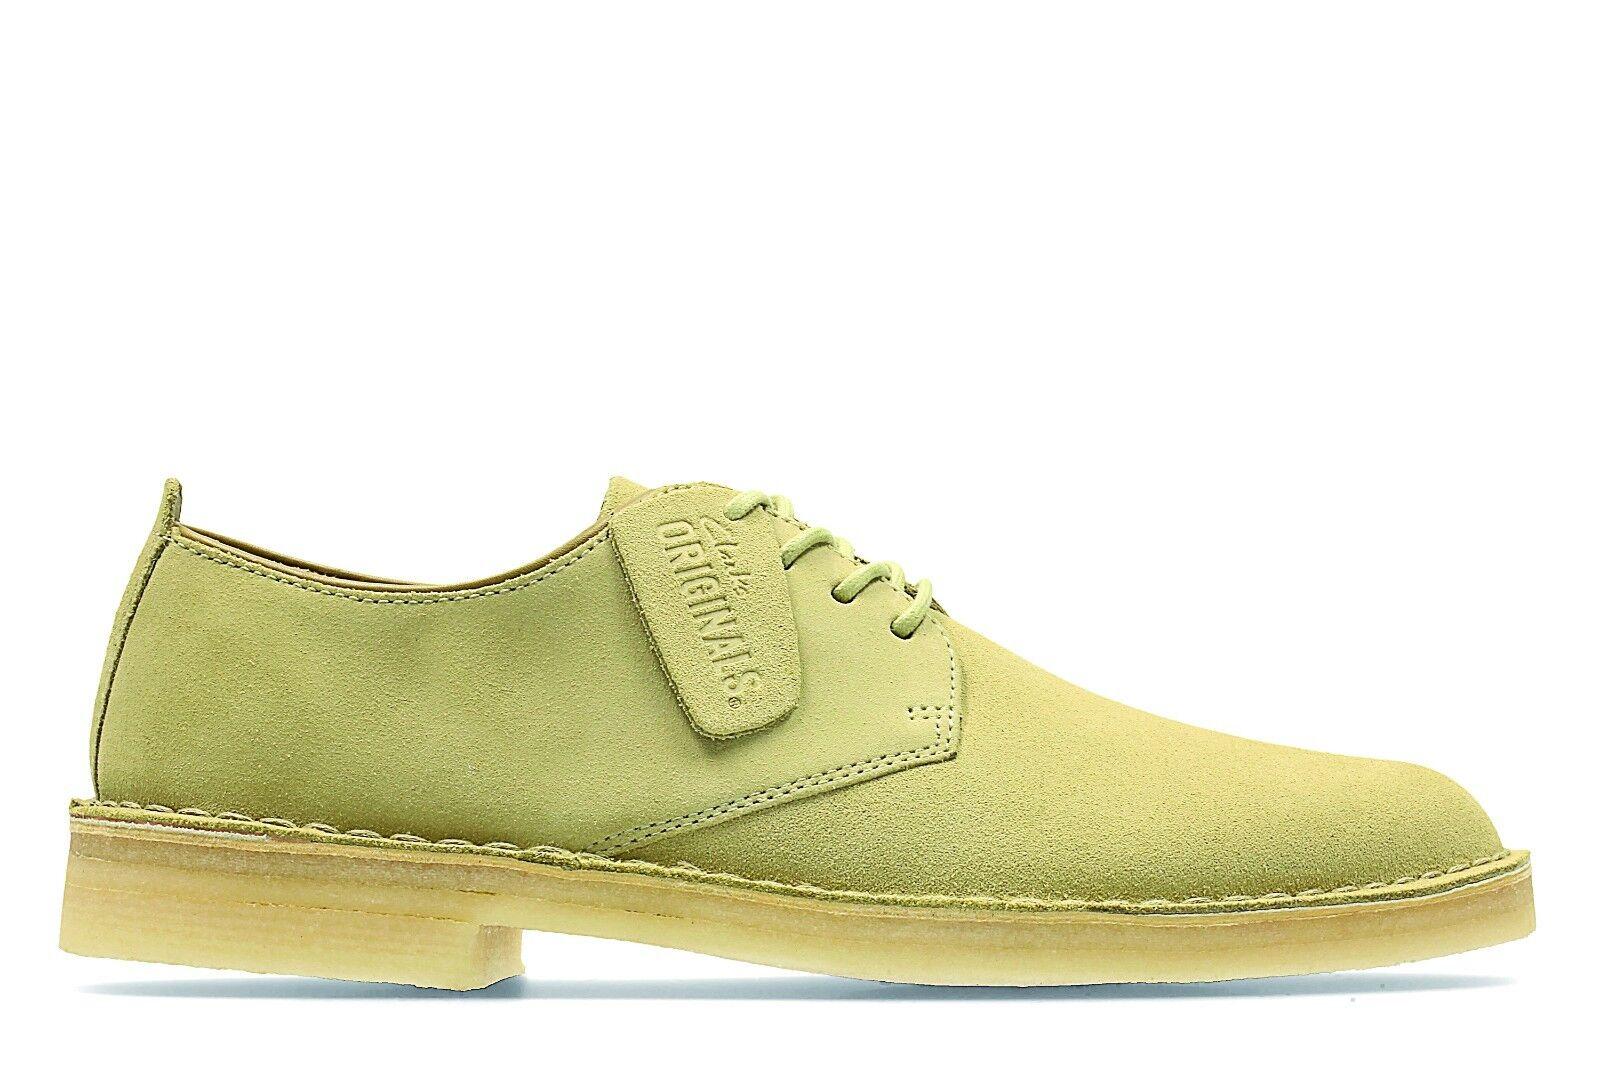 Wüste London Clarks Originals Schnürer Herren Schuhe Ahorn Veloursleder